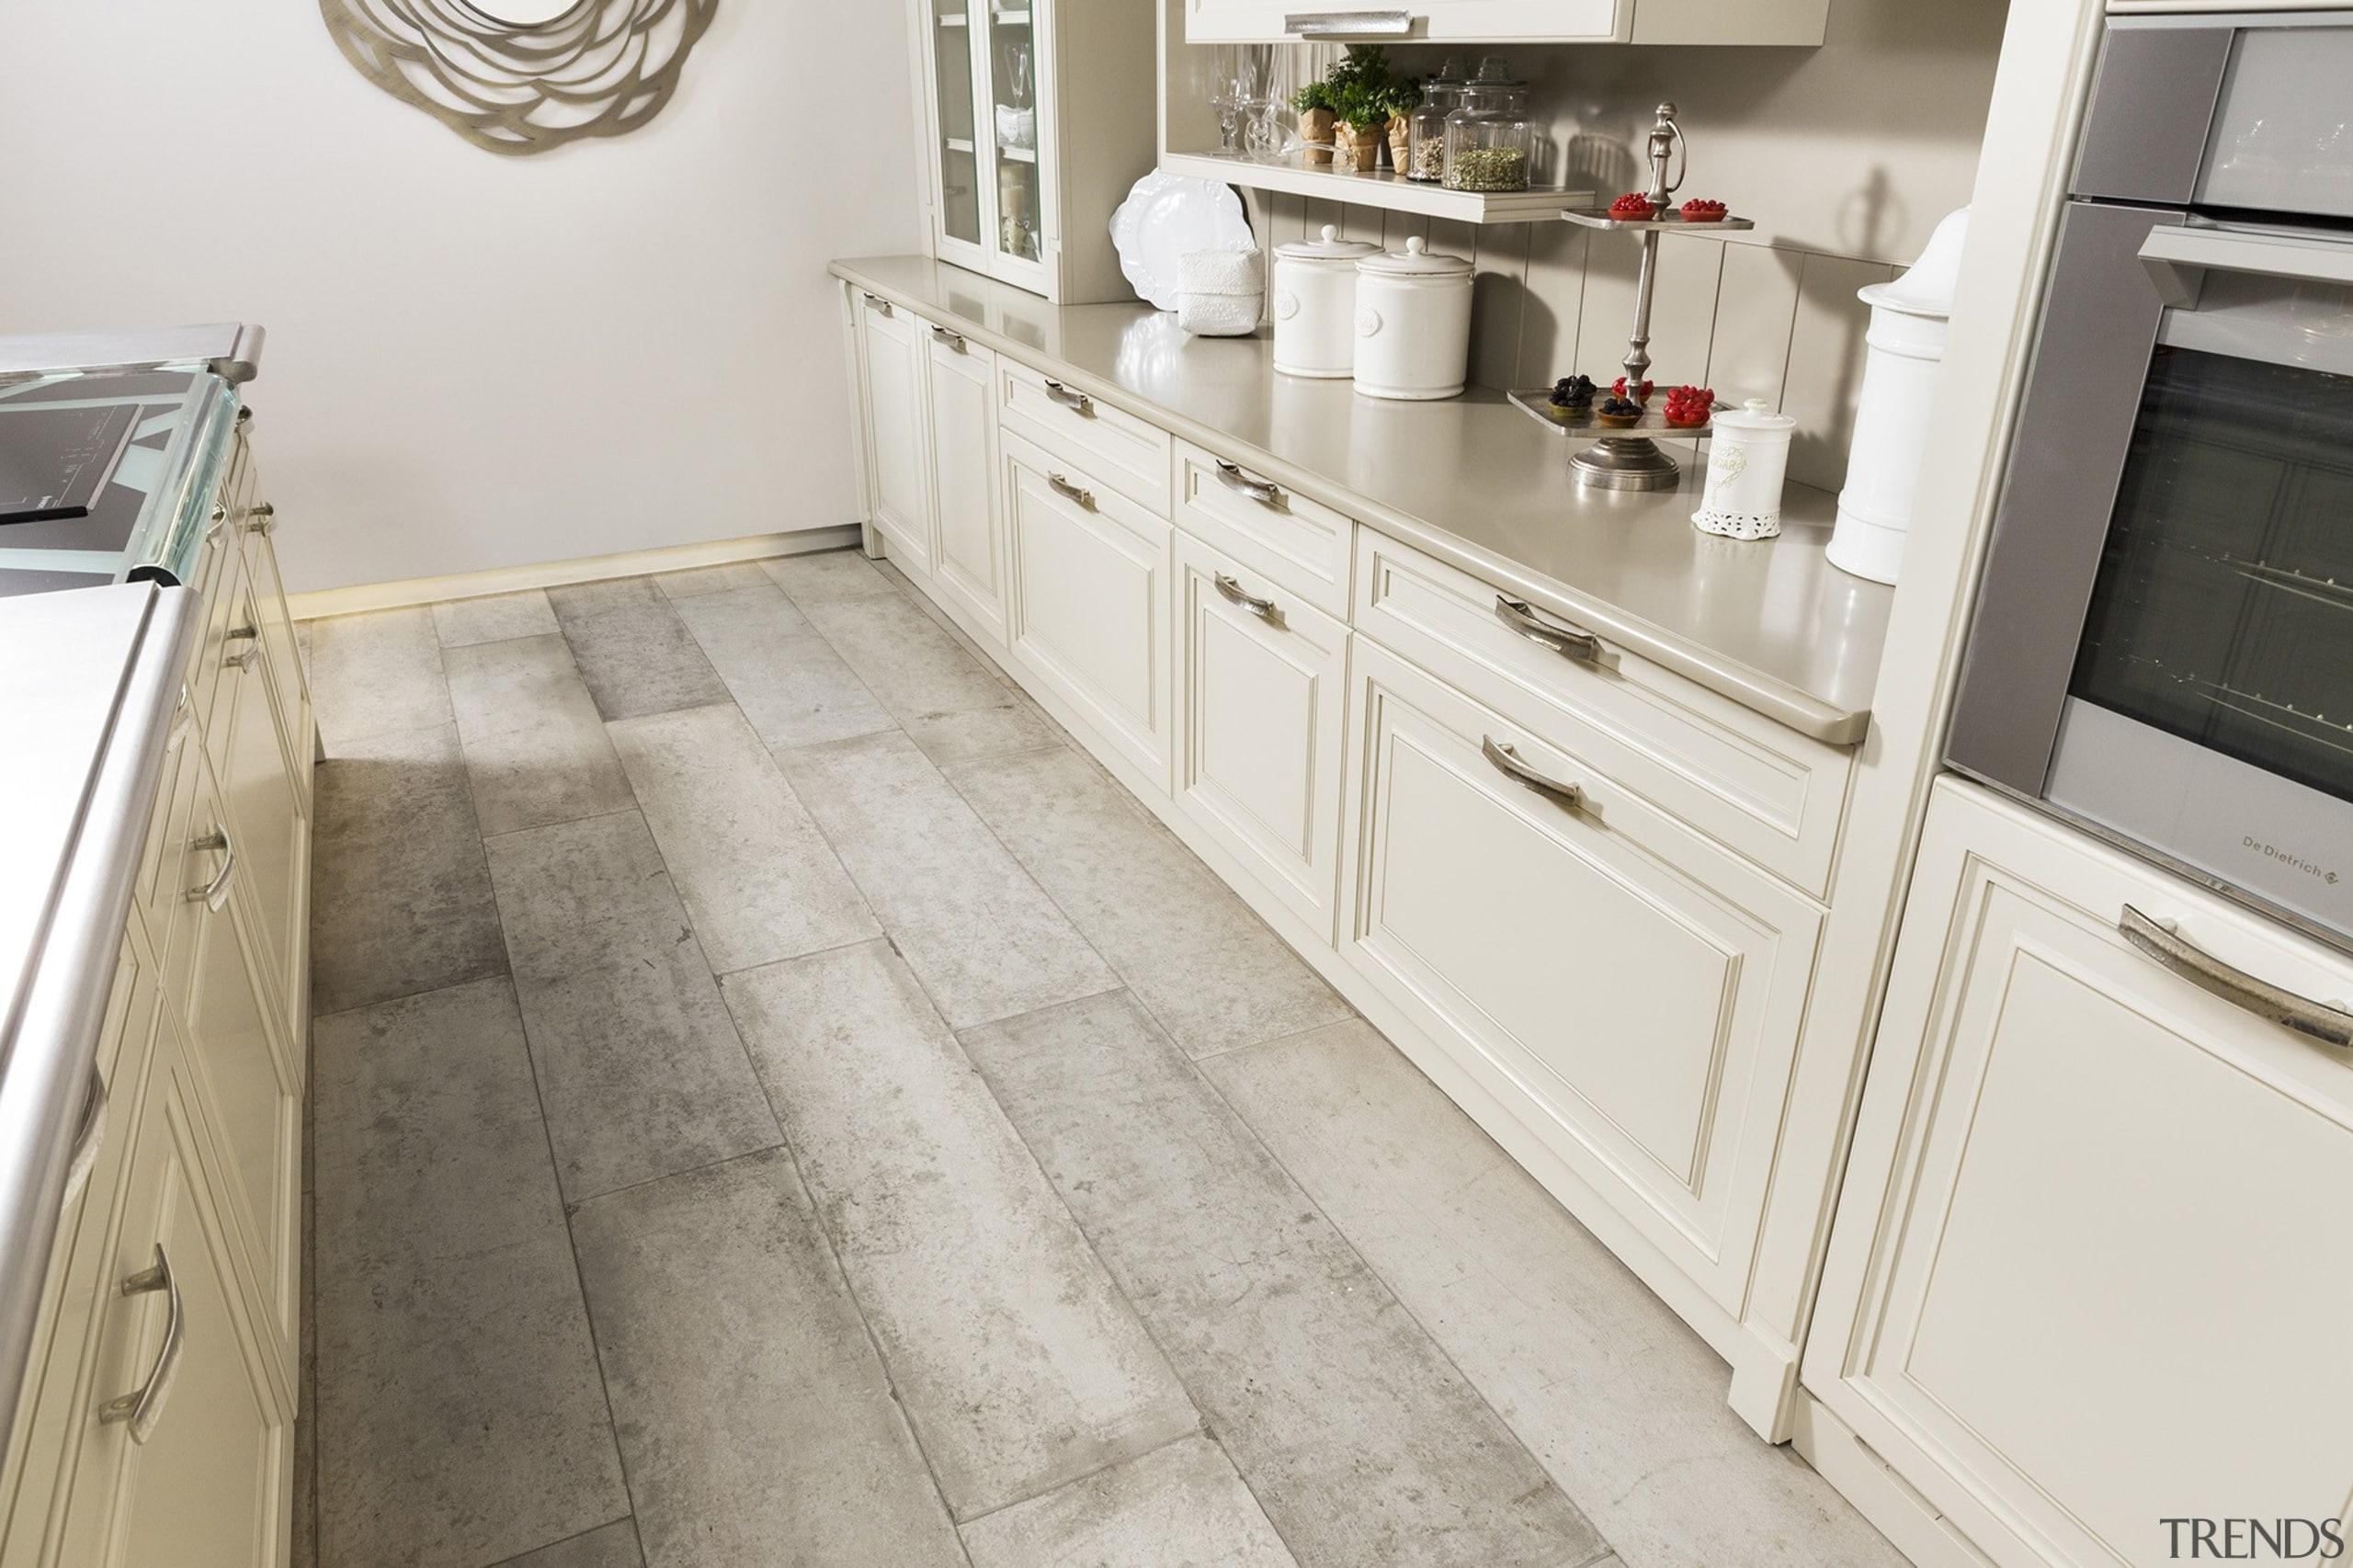 Circle kitchen 2 - Circle kitchen_2 - countertop countertop, cuisine classique, floor, flooring, hardwood, kitchen, laminate flooring, room, tile, wood flooring, gray